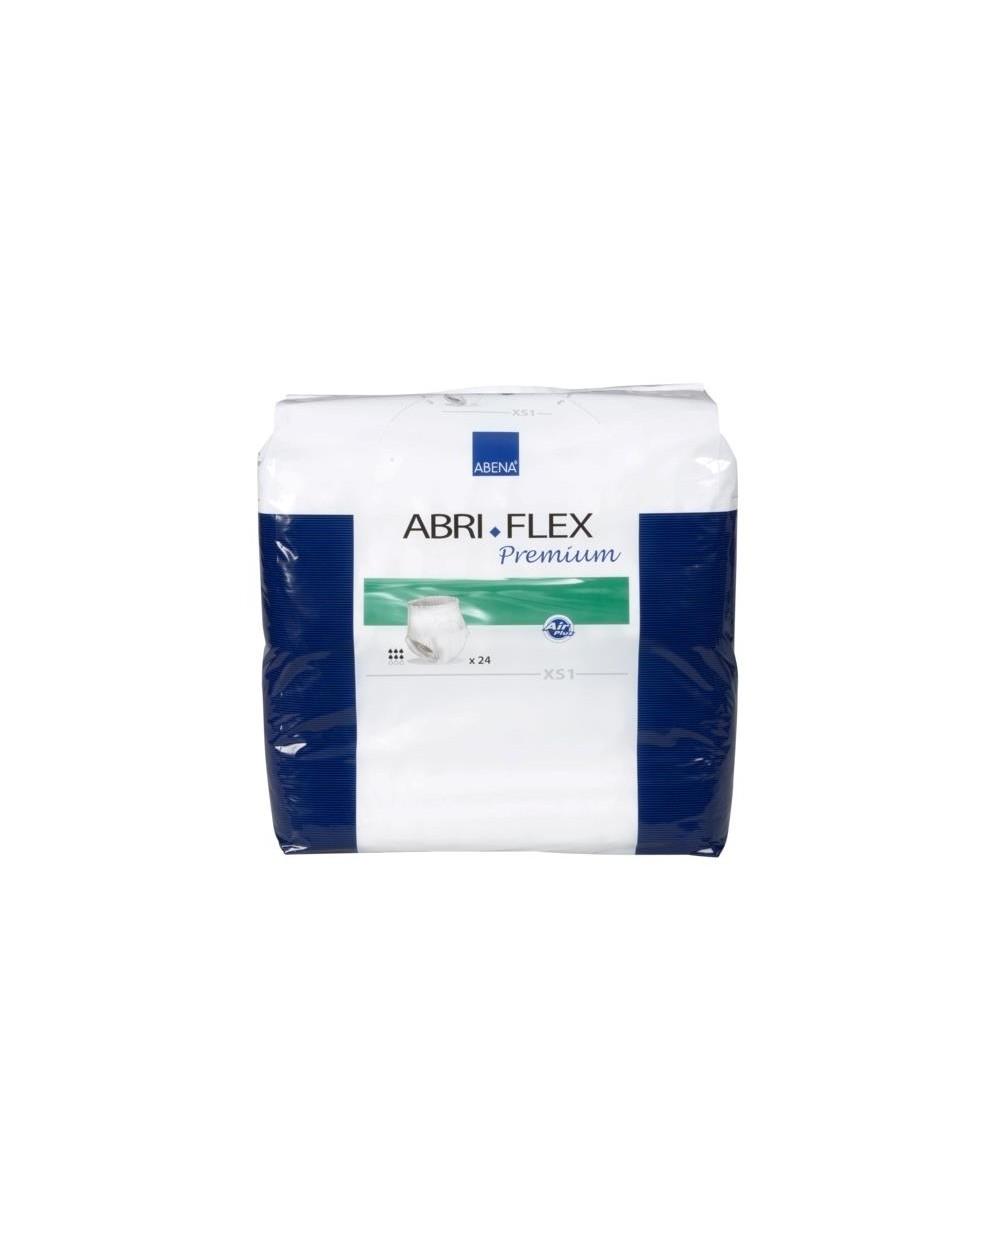 Abena Abri-Flex 1 XS - 21 protections